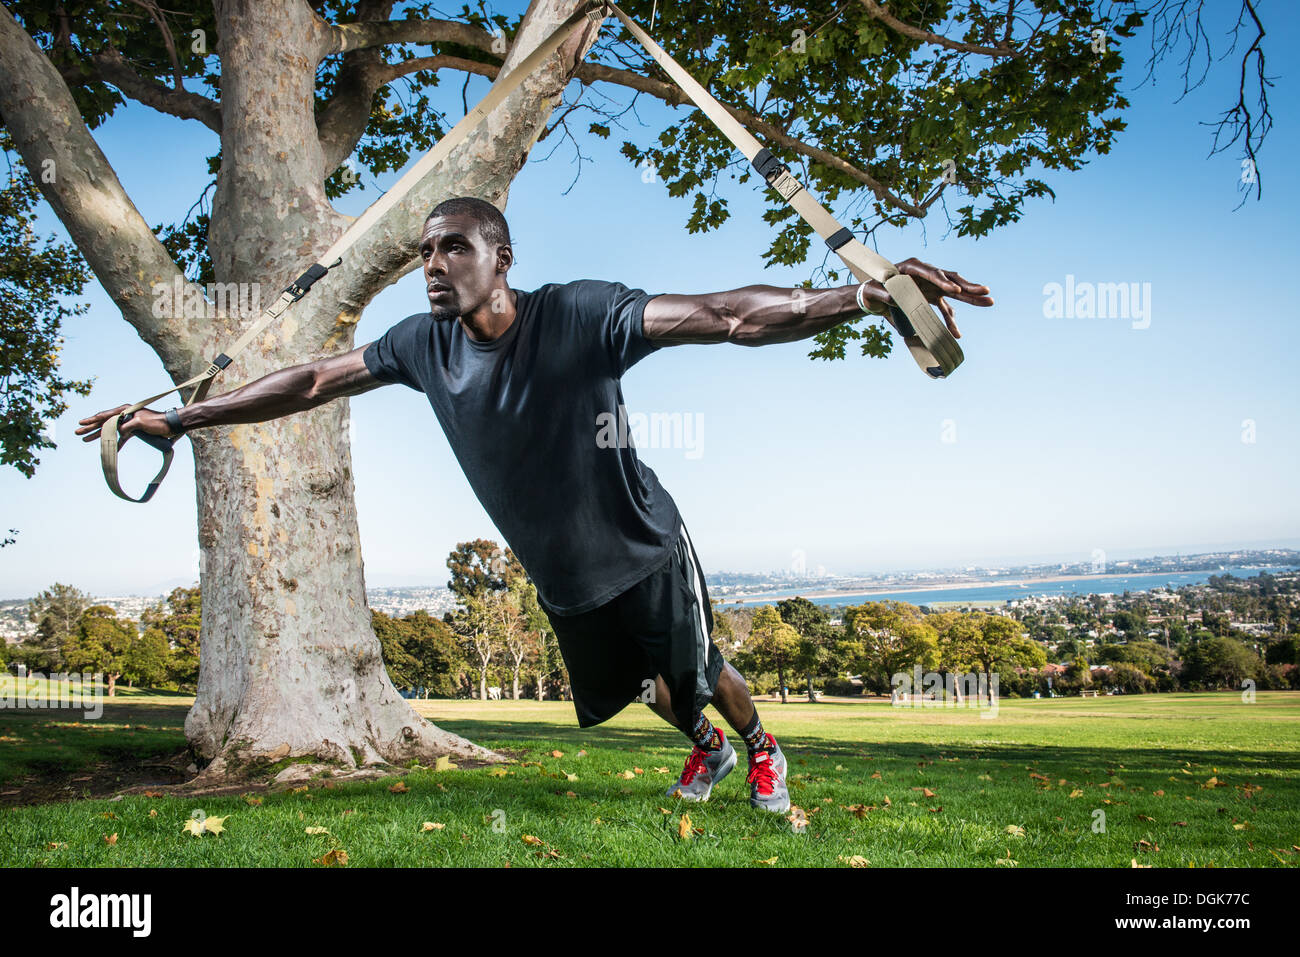 Joven Formación lunge con cuerda en el campo Imagen De Stock